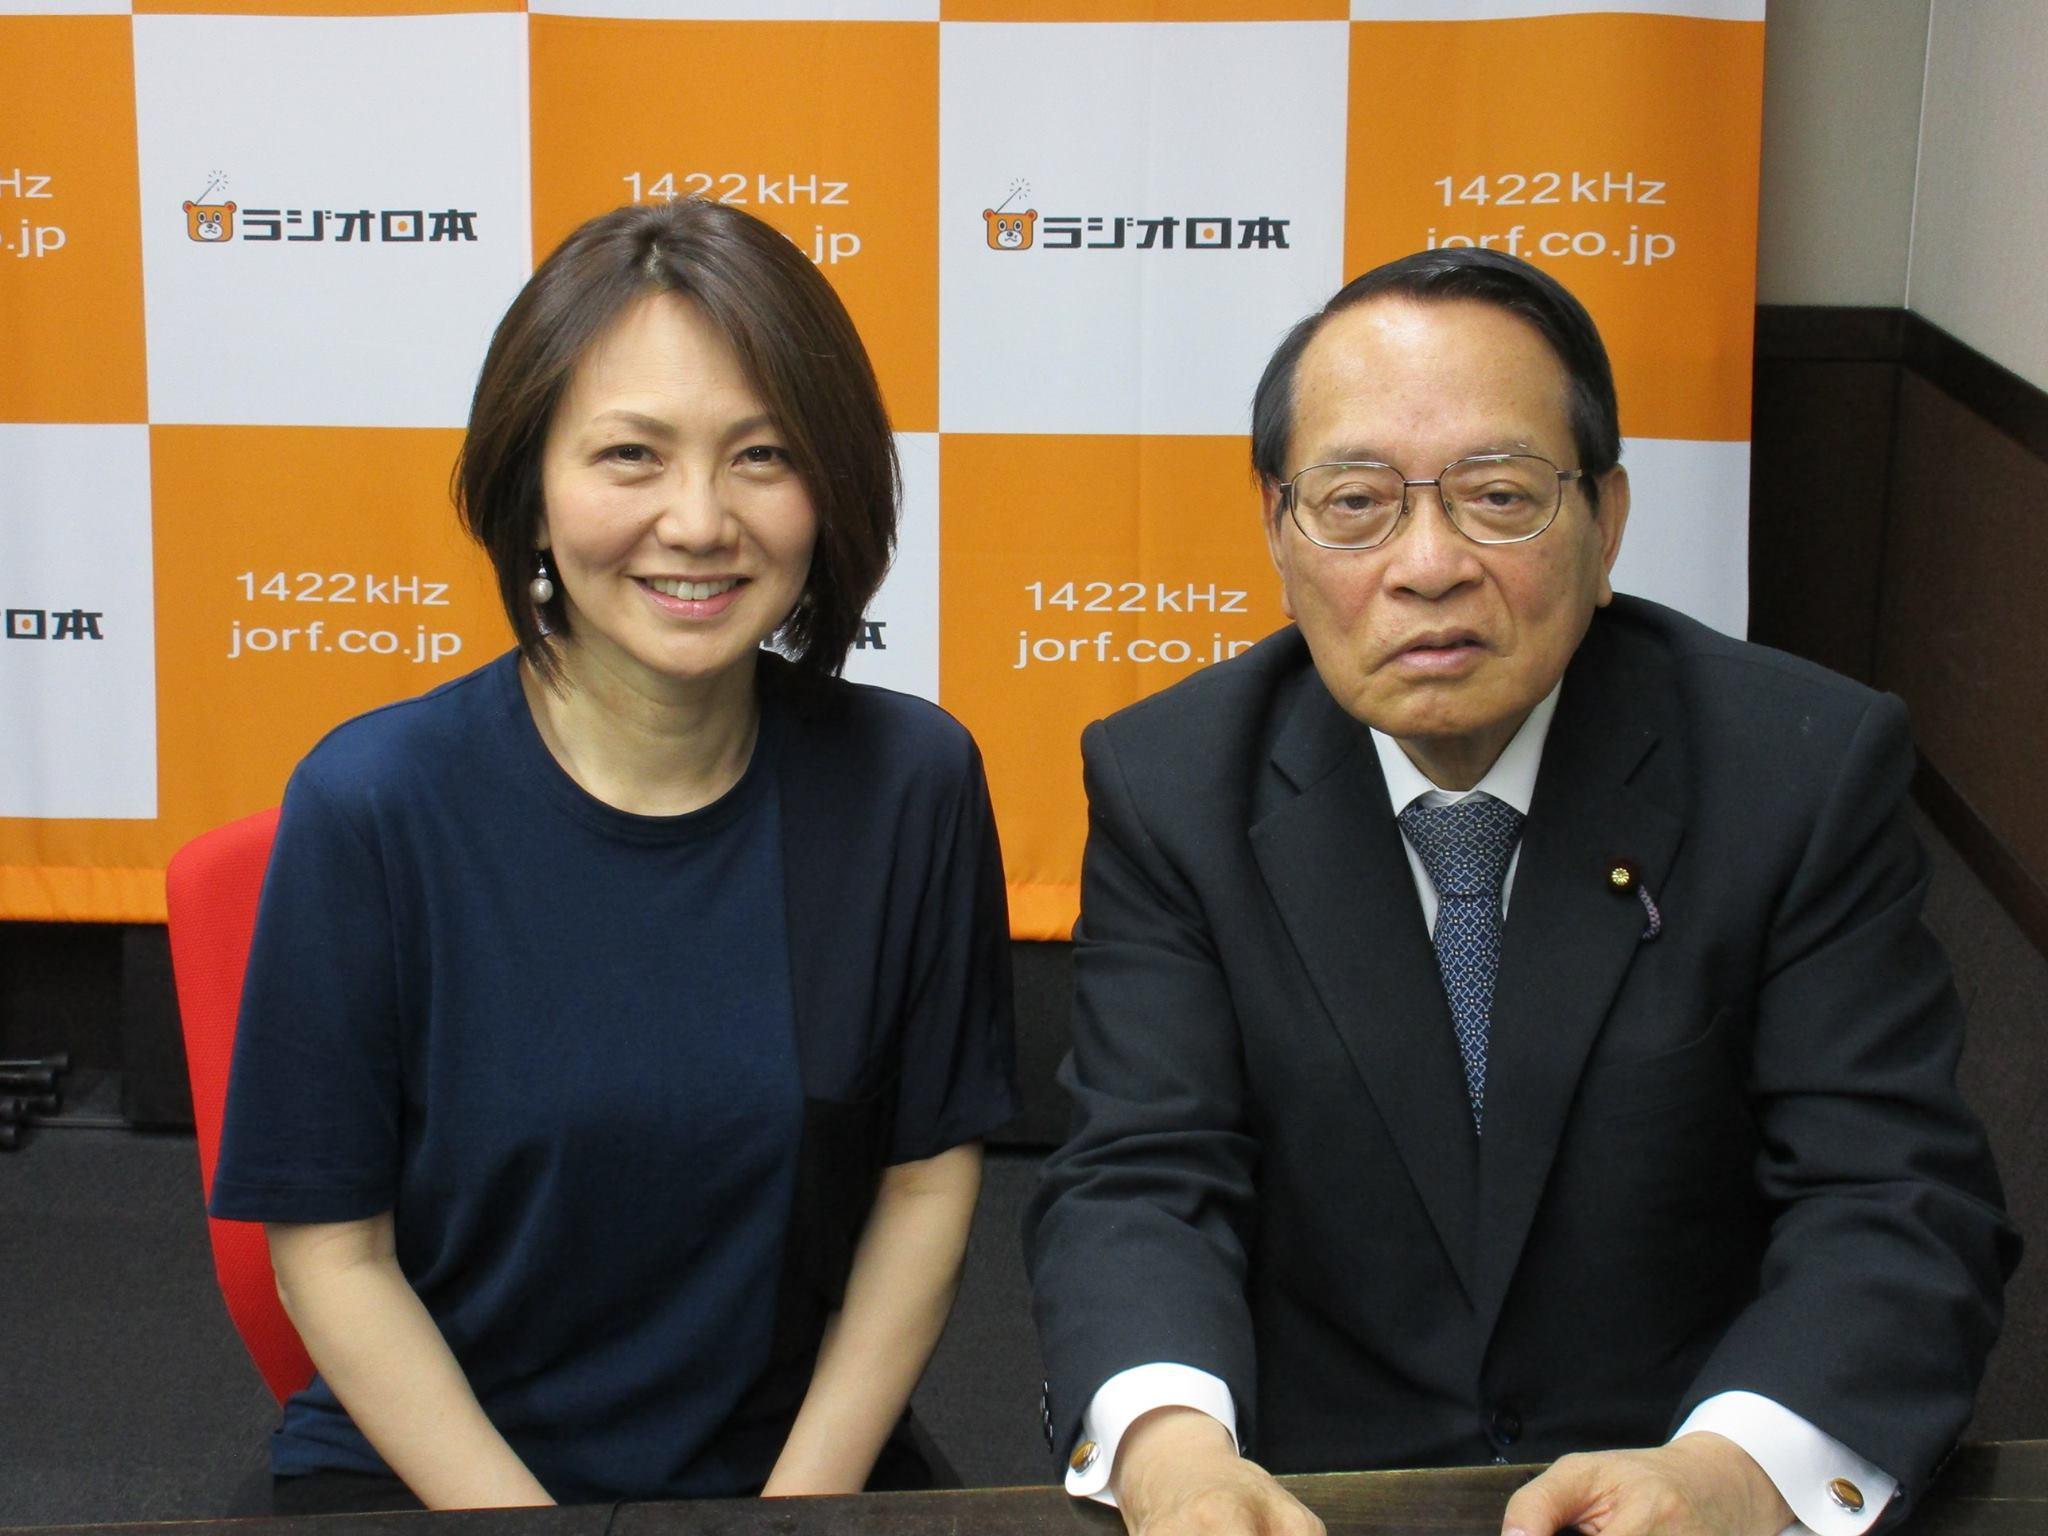 28年4月20日(水)~ラジオ日本 平沢勝栄公式サイト